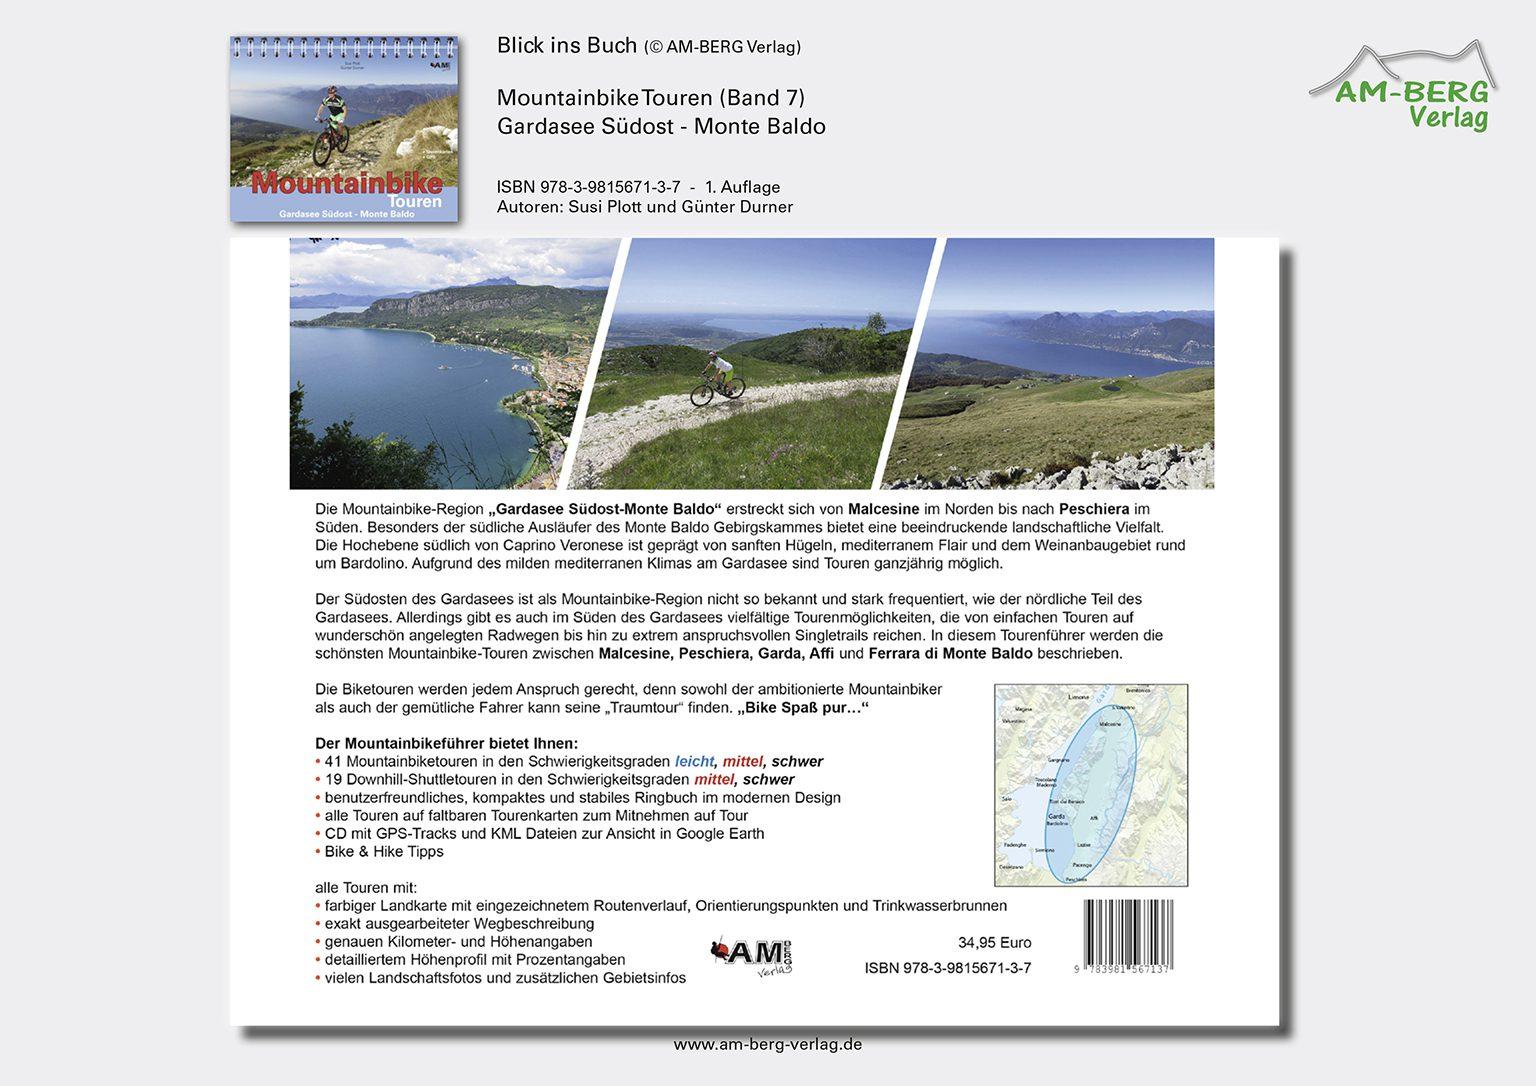 Mountainbike Touren Gardasee Südost - Monte Baldo_Rückseite Buch